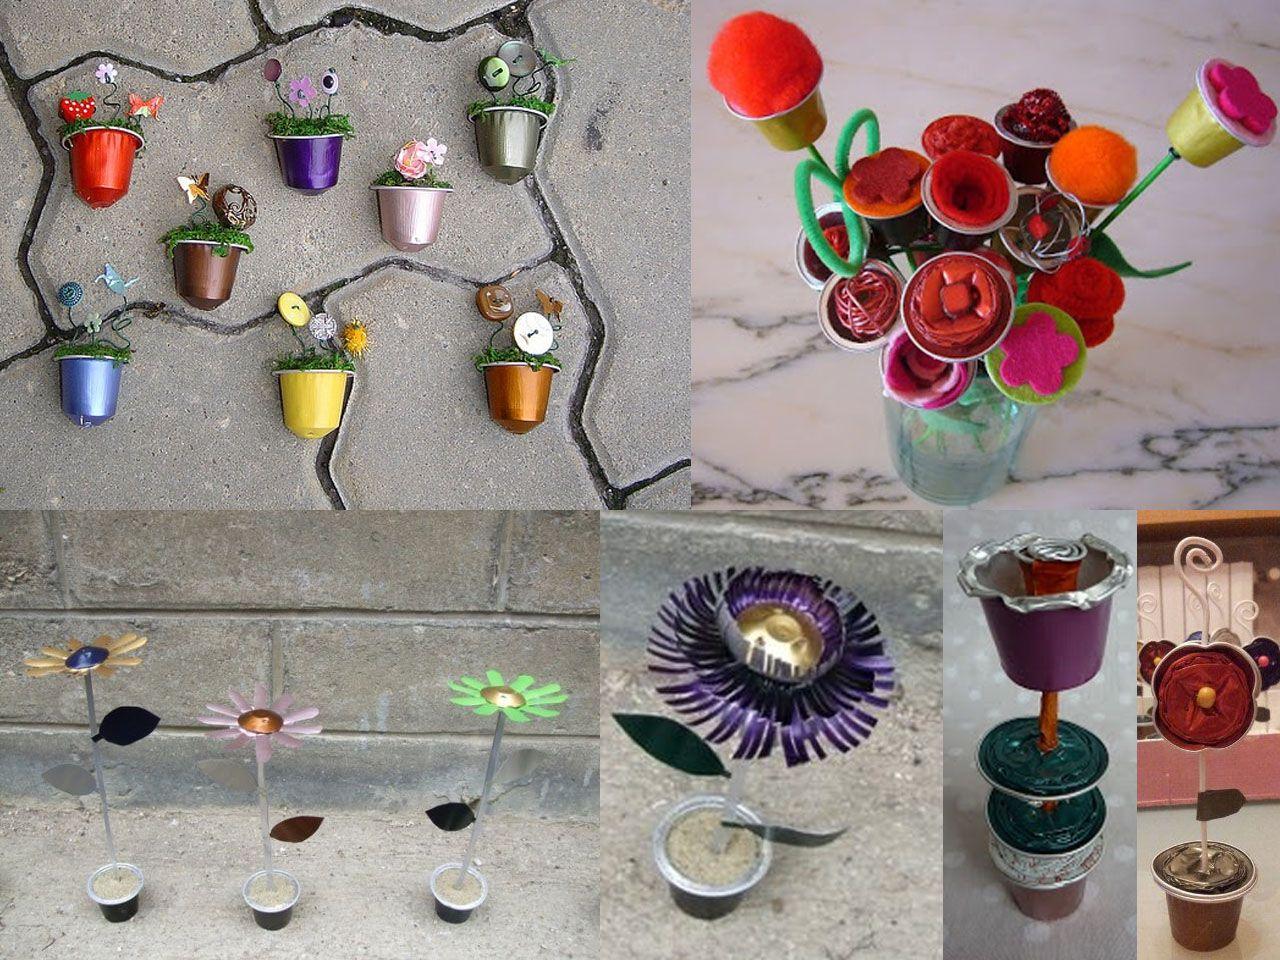 Flores Con Cápsulas De Café Nespresso Nespresso Manualidades Con Capsulas Nespreso Cafe